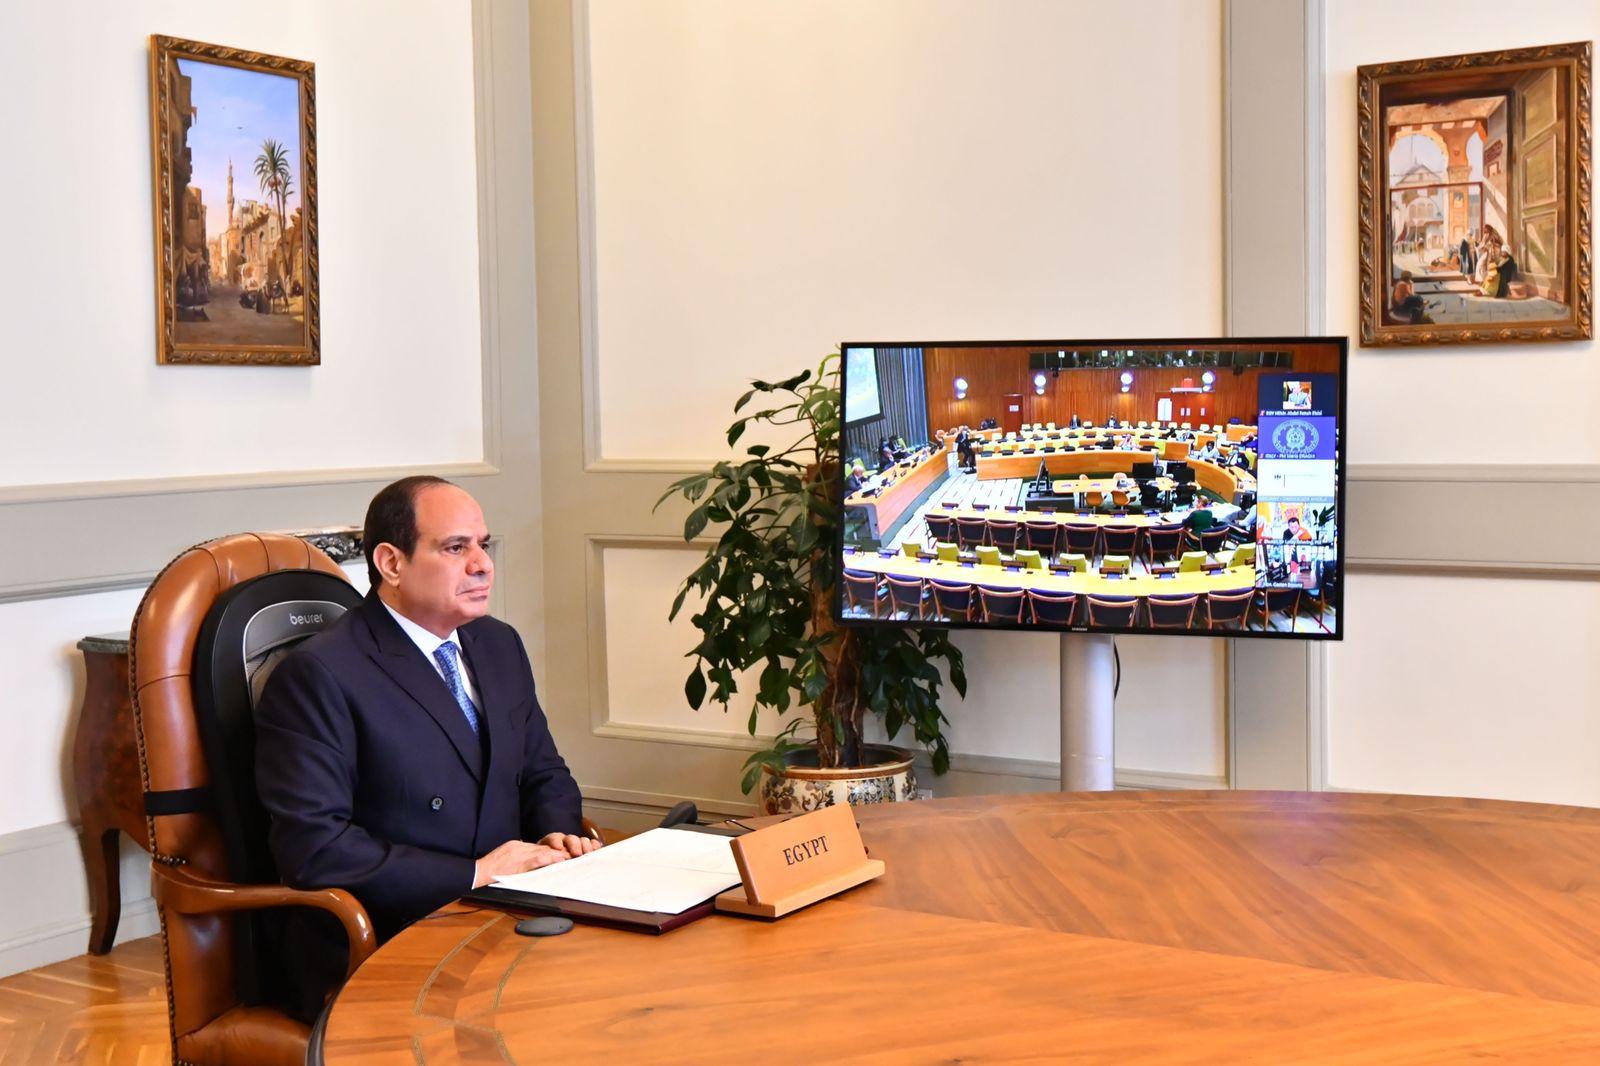 الرئيس السيسي مصر تتطلع إلى استضافة القمة العالمية لتغير المناخ في ۲۰۲۲ بالإنابة عن إفريقيا